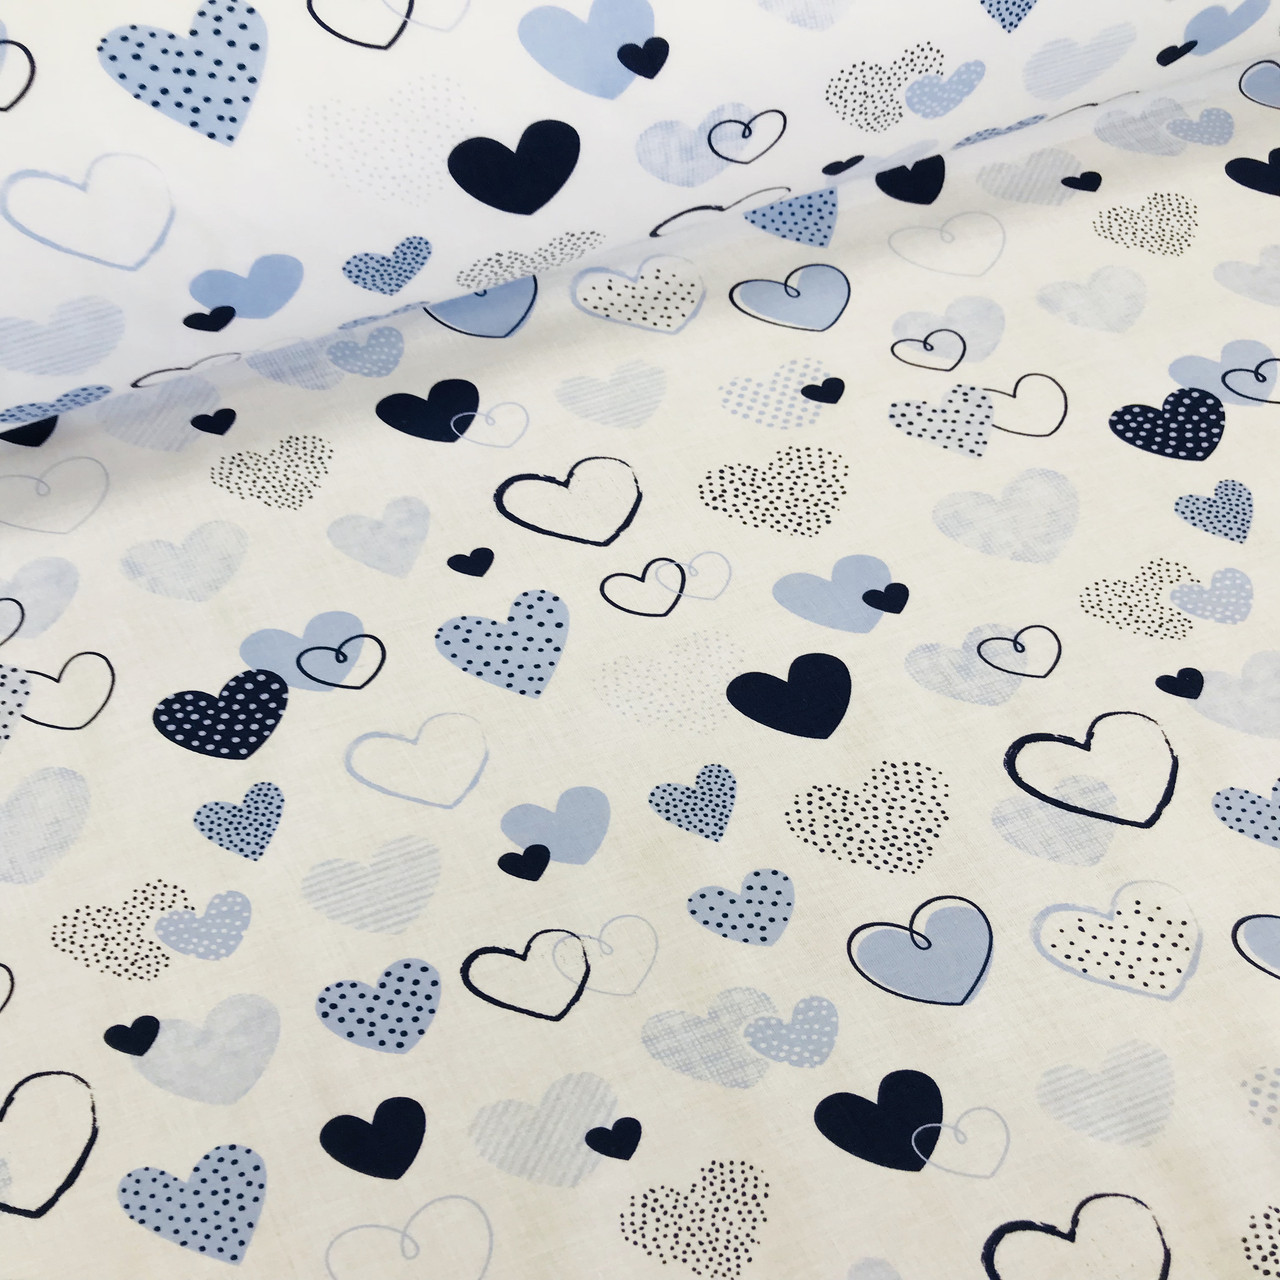 Хлопковая ткань польская сердца голубые, синие с точками и полосками на белом отрез (размер 1*1,6 м)